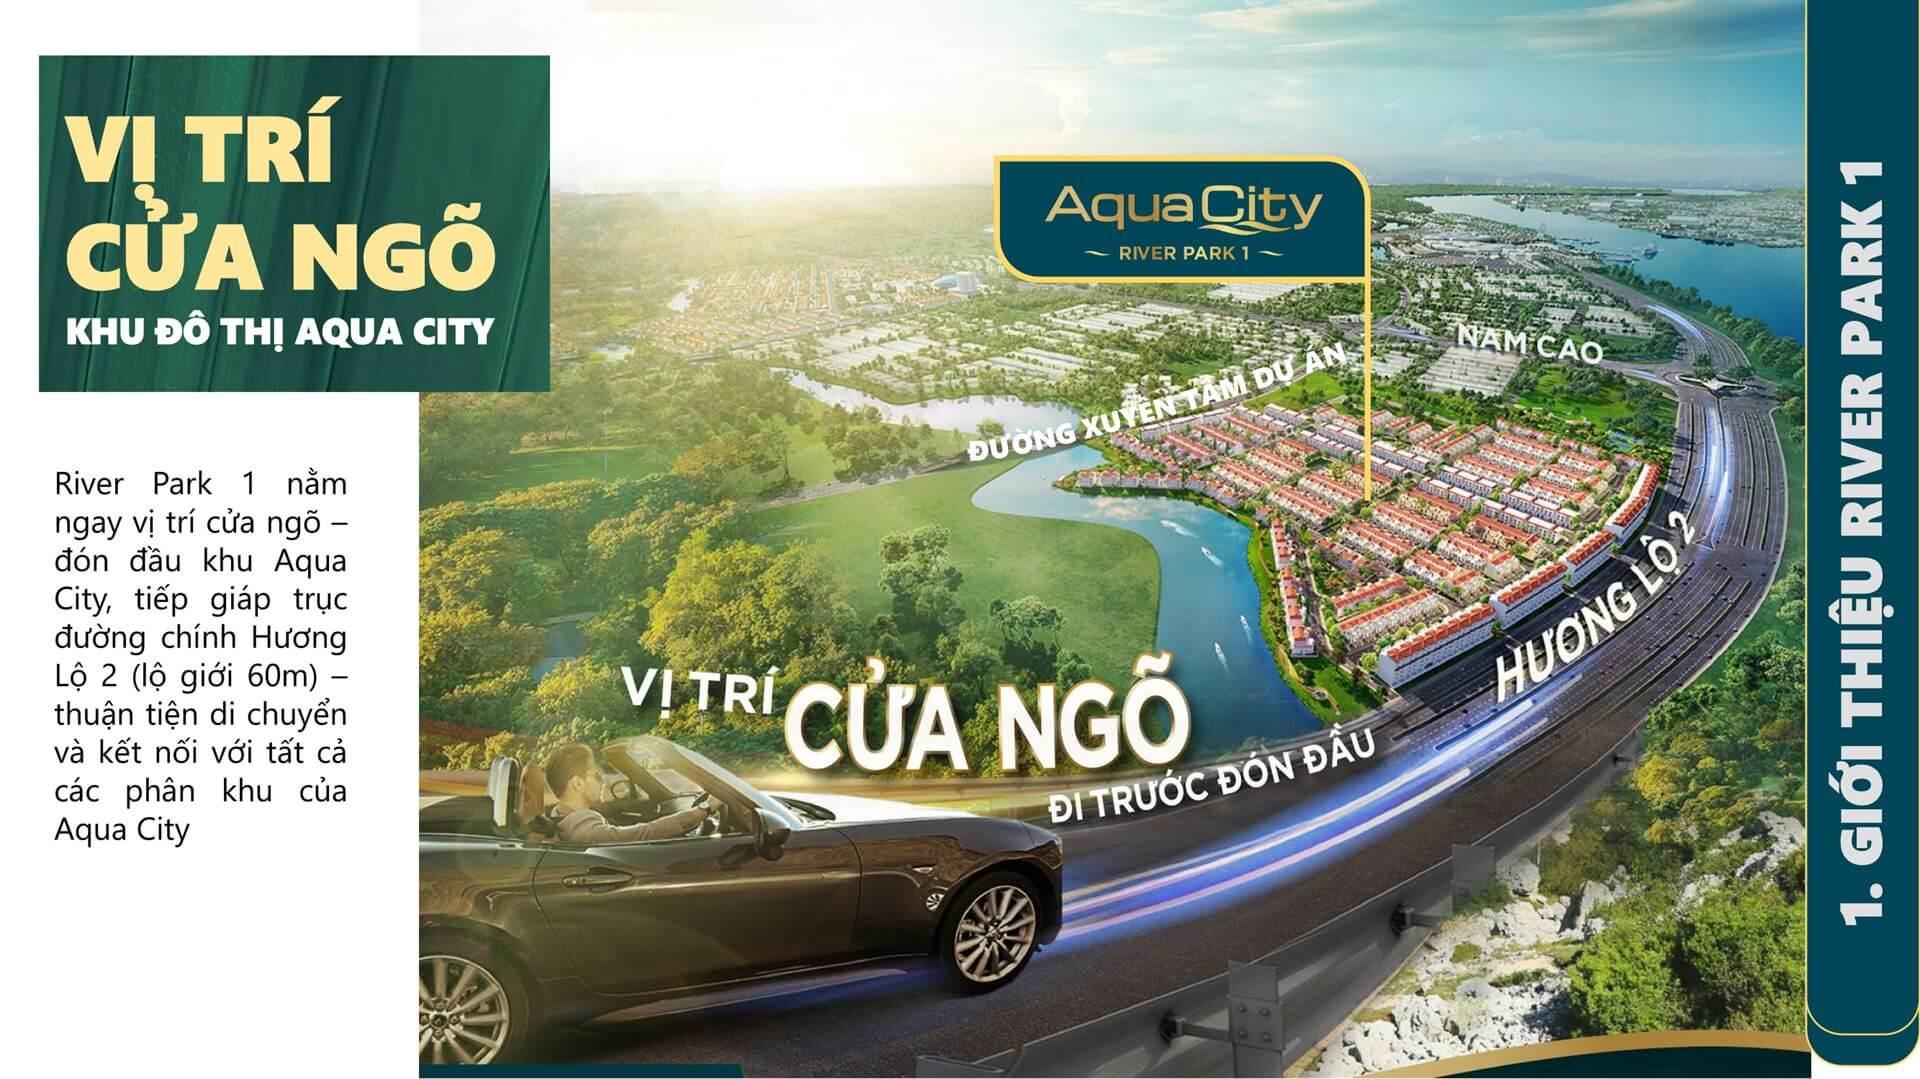 Vị trí River Park 1 là của ngõ đón đầu khu đô thị Aqua City